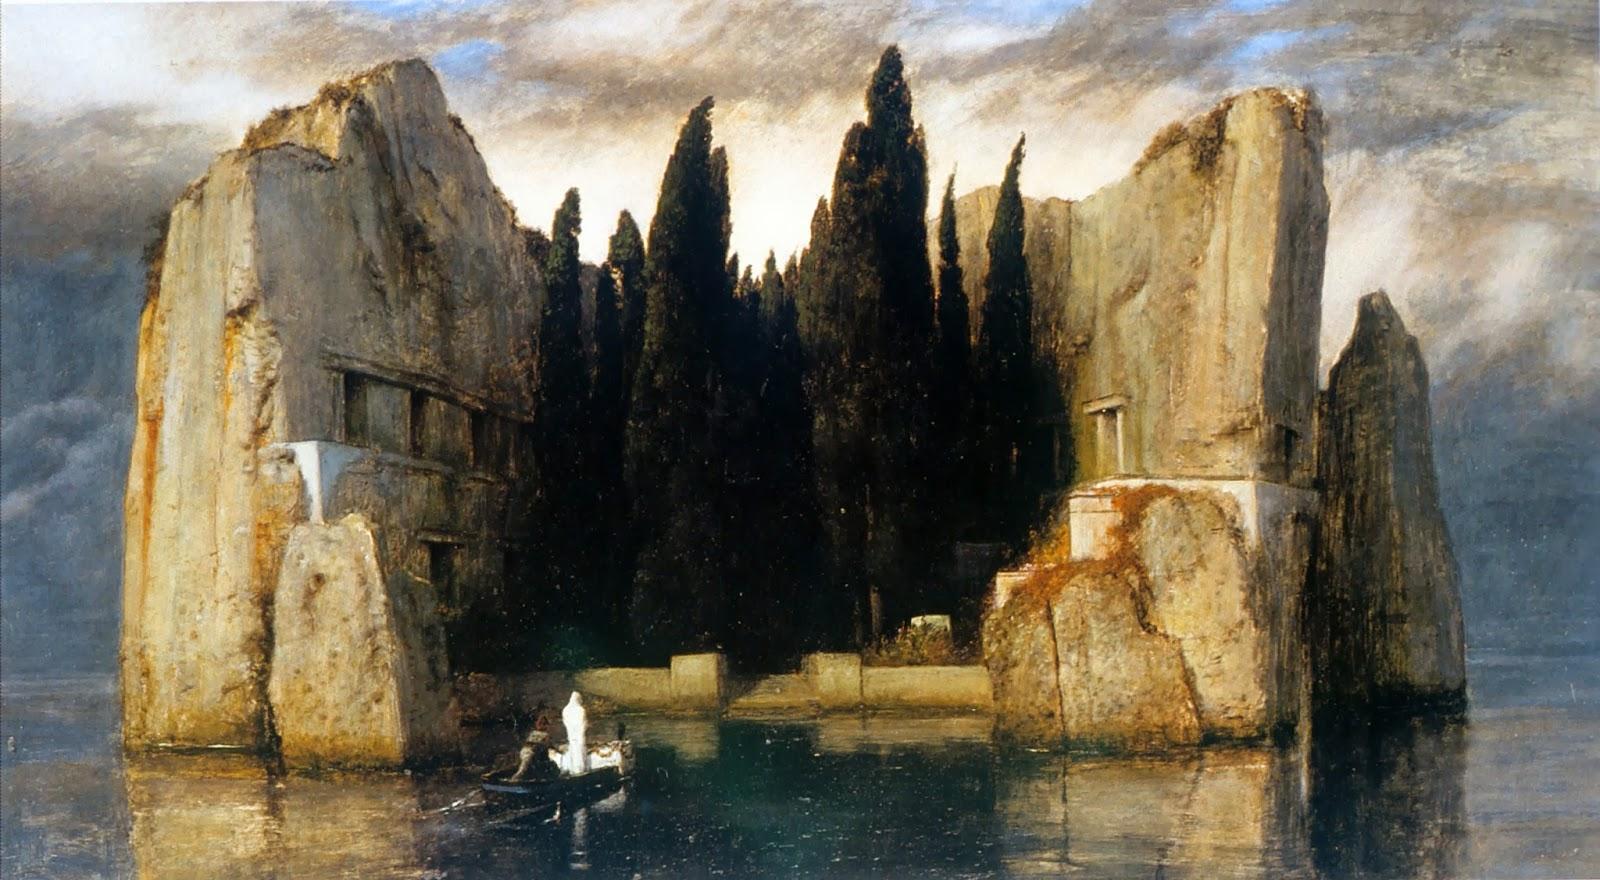 Isola-dei-Morti-III IL QUADRO DI HITLER CHE ISPIRO' LA PAZZIA